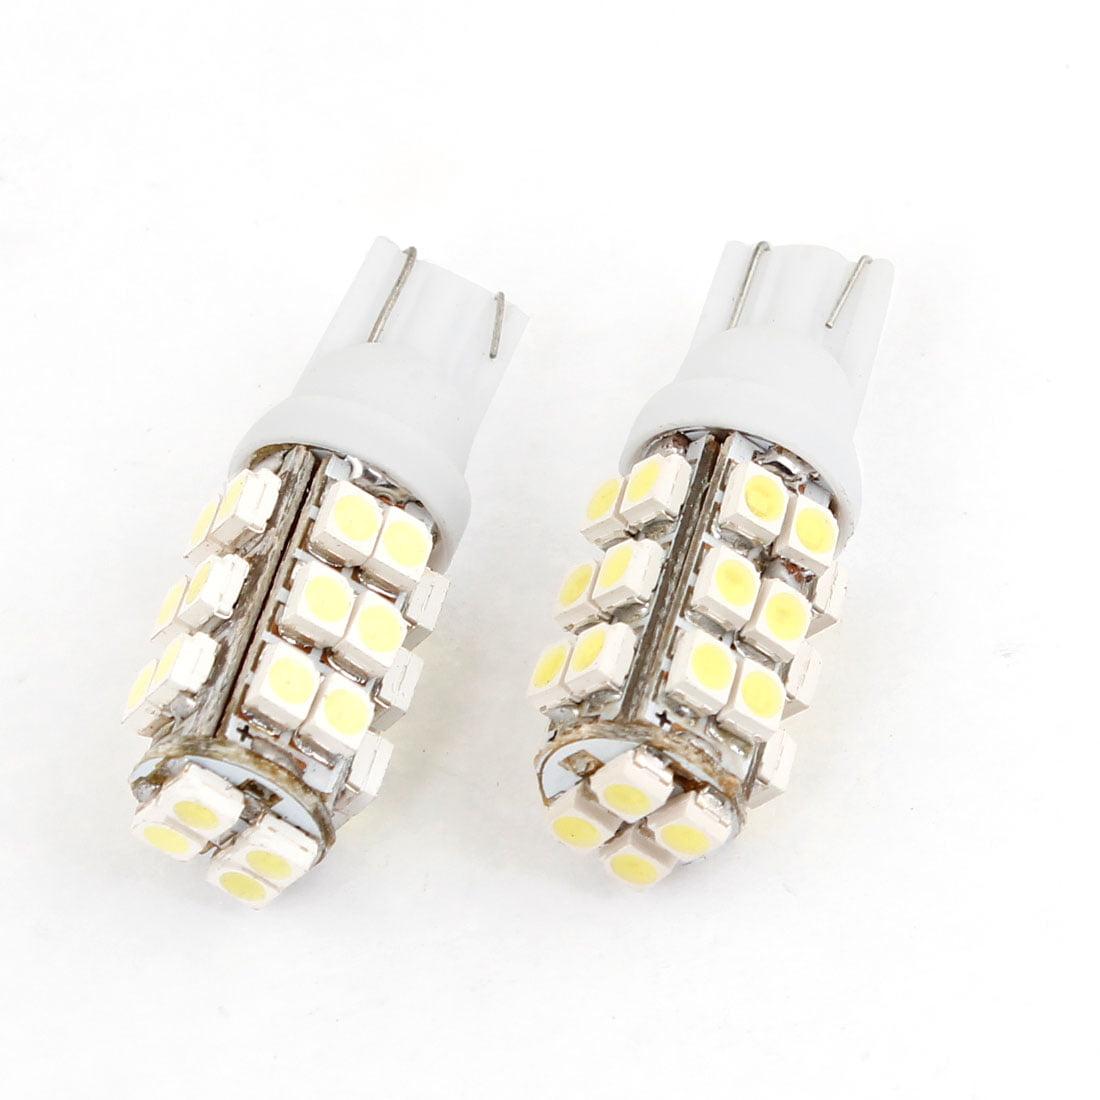 Unique Bargains 2 Pcs Car T10 White 1210 28 SMD  Bulb Tail Rear Light Lamp